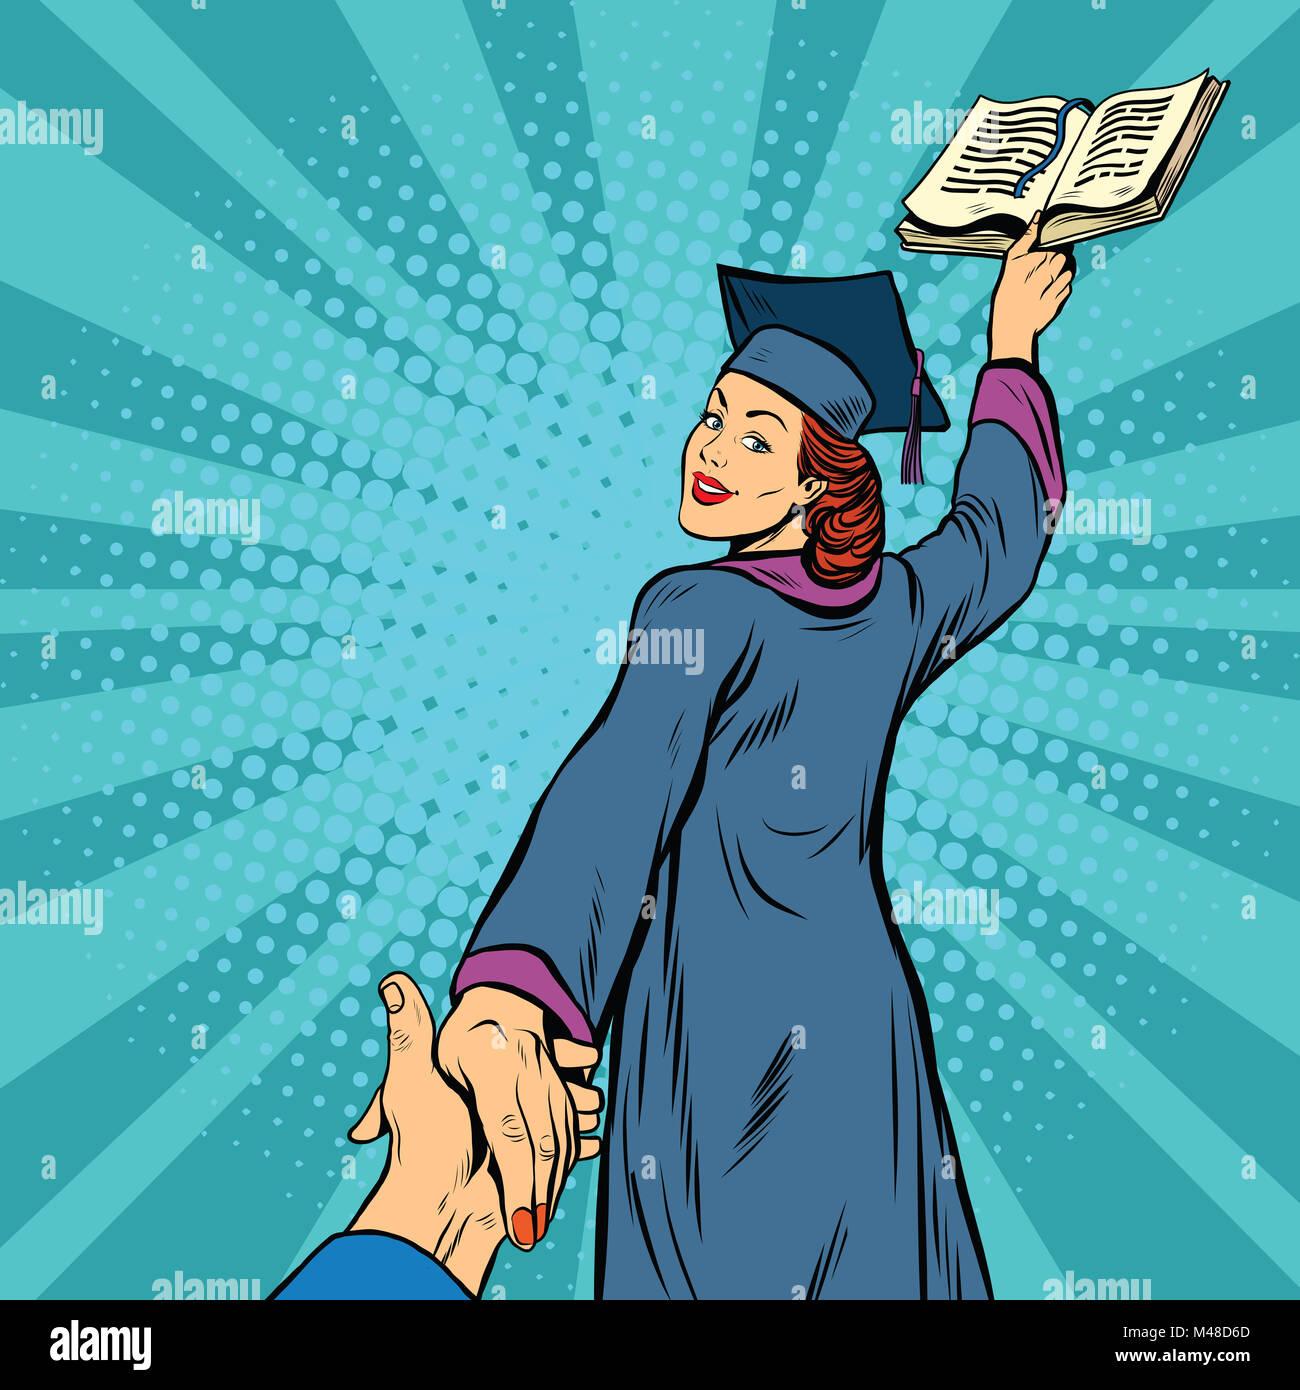 Sígueme, una mujer estudiante graduado de educación de conocimientos Imagen De Stock